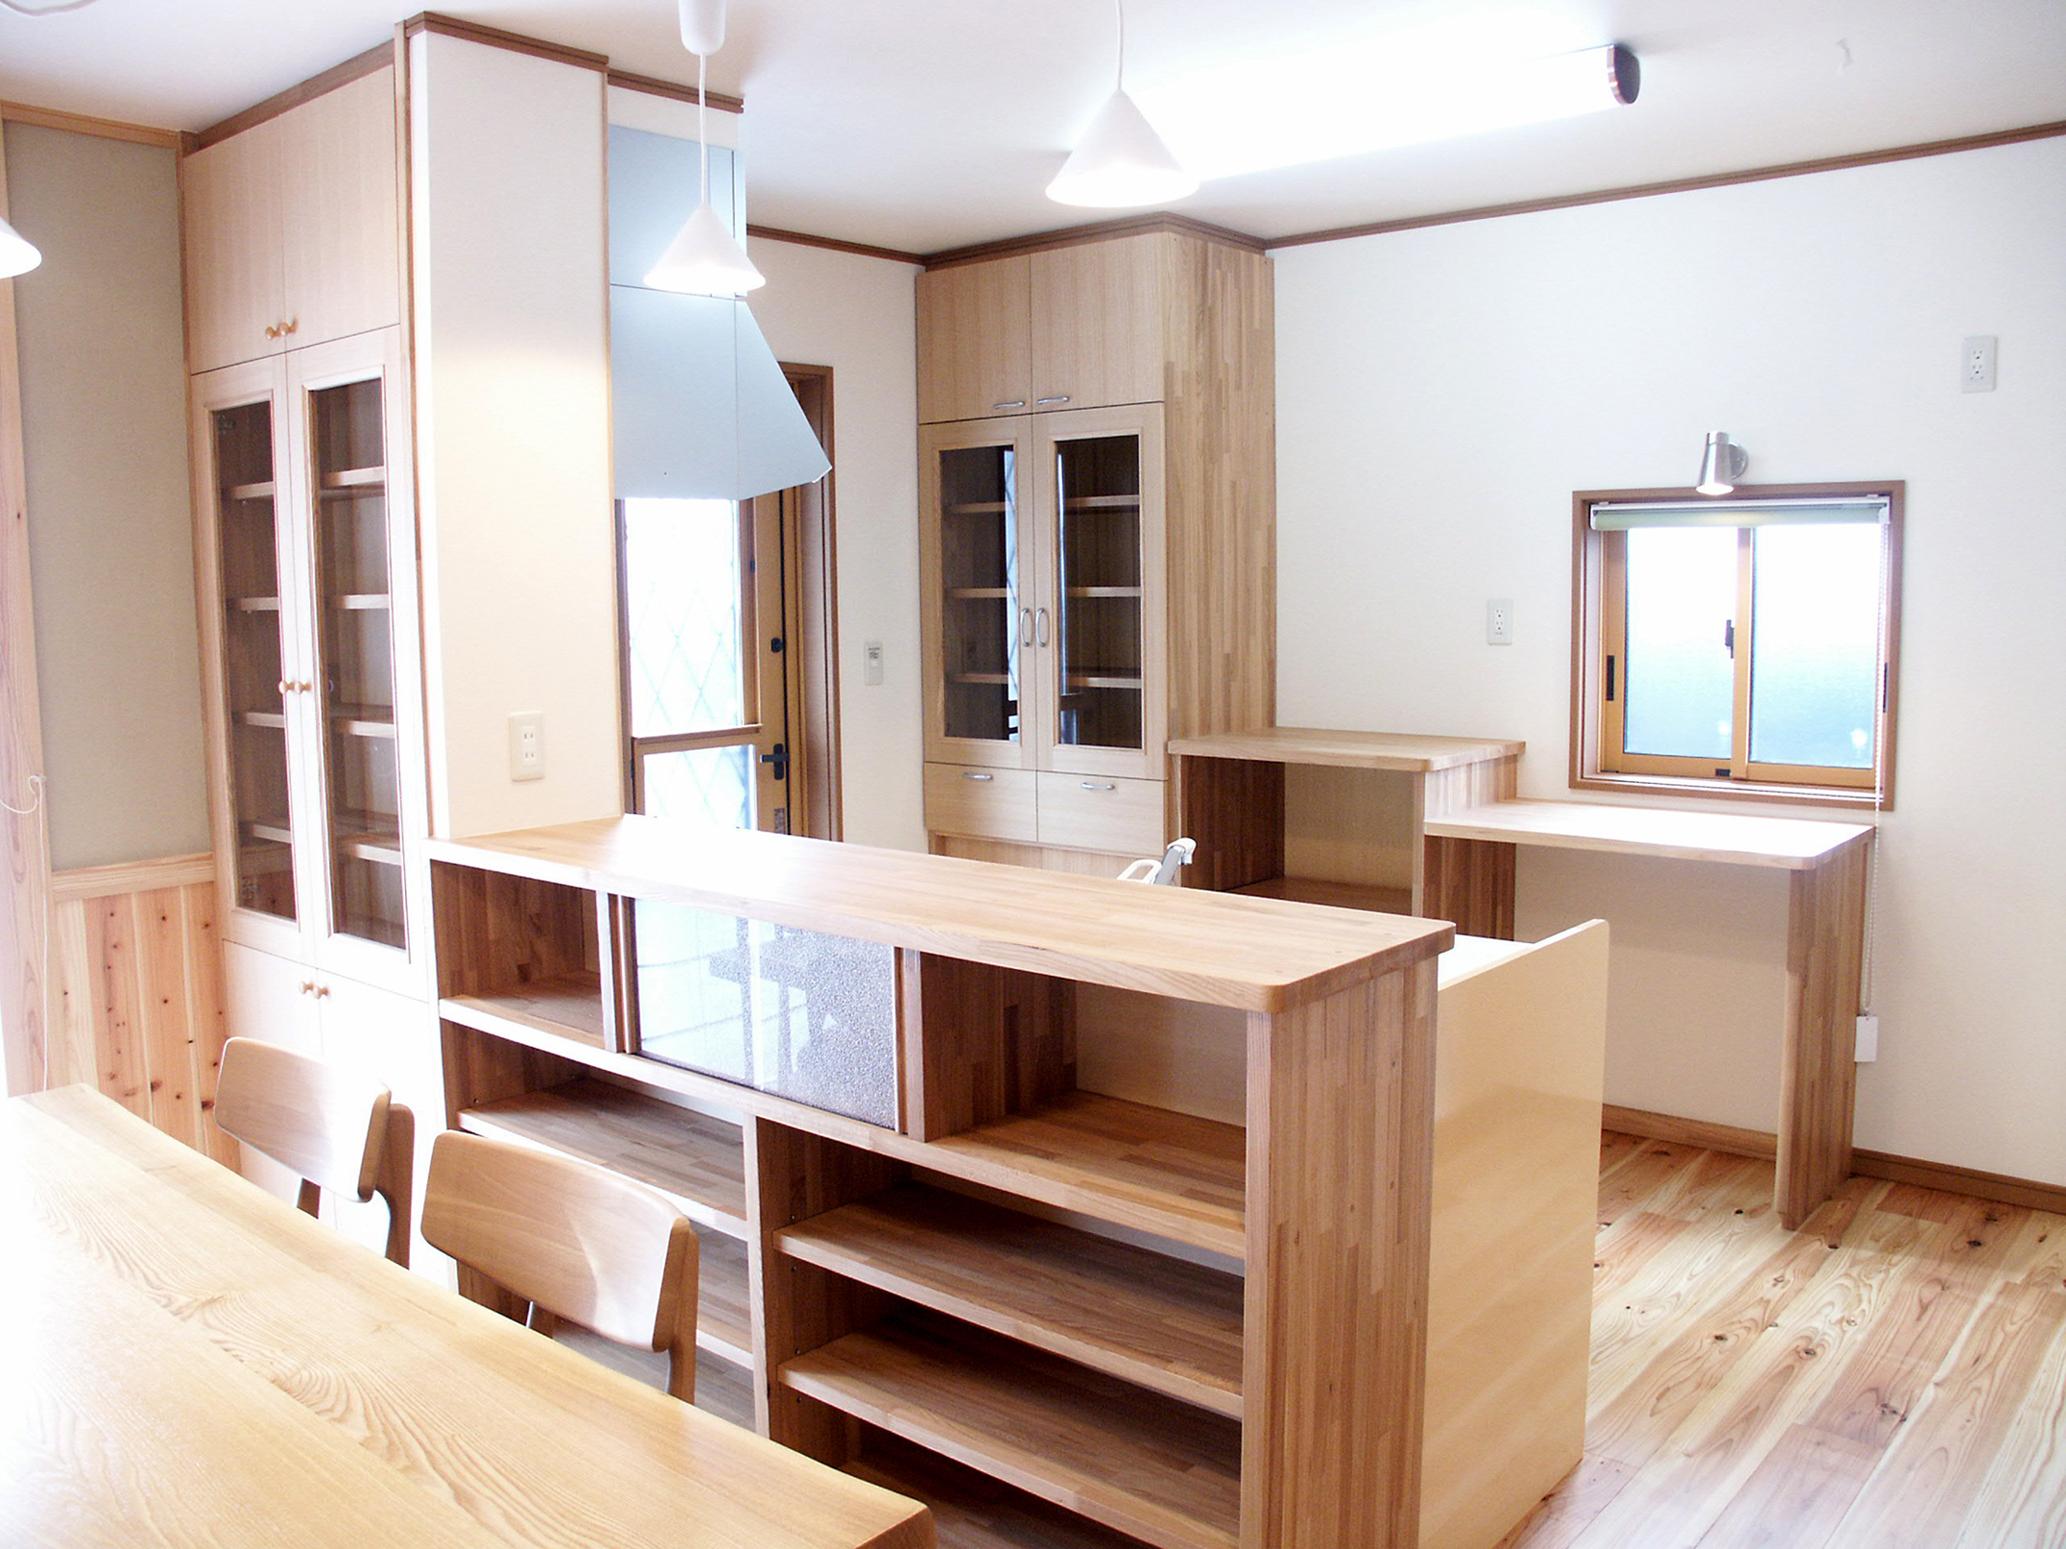 佐久市の注文住宅|在来工法で建てる暖炉のある温かい家